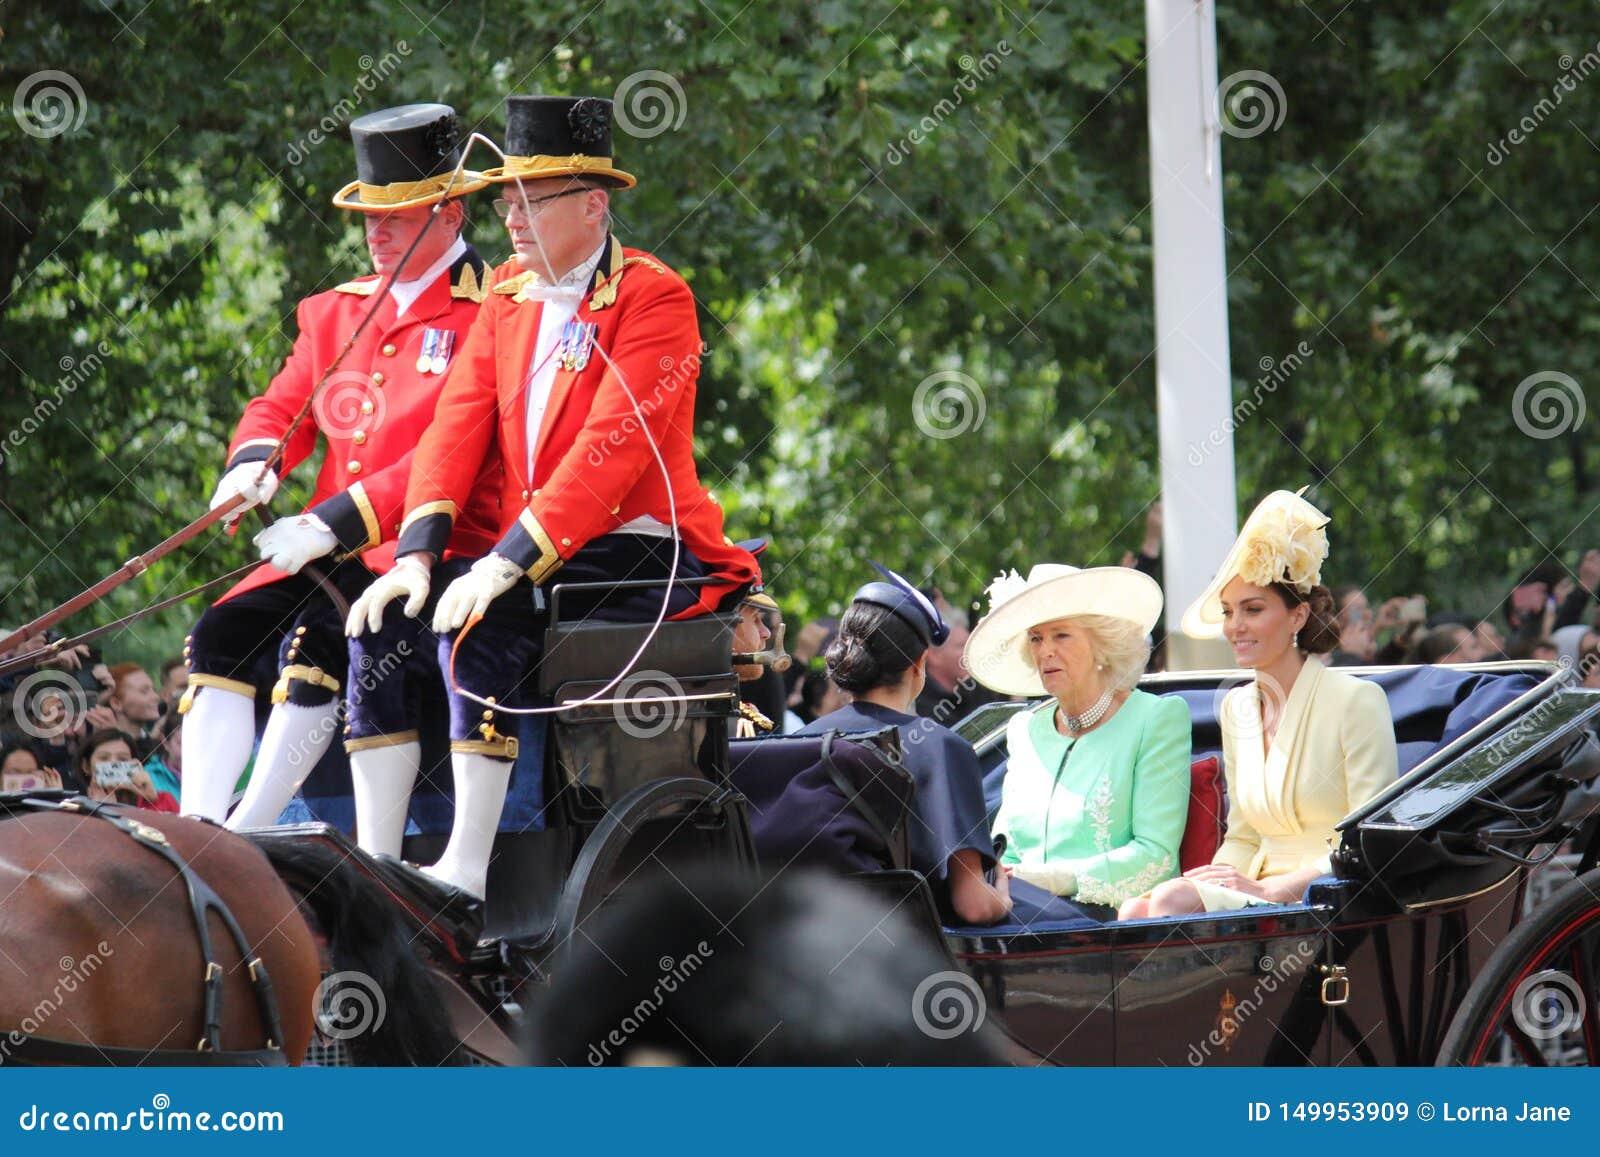 Meghan Markle- u. PrinzHarry Vorrat, London Großbritannien, am 8. Juni 2019 - Meghan Markle Prince Harry Trooping die Farbekönigs